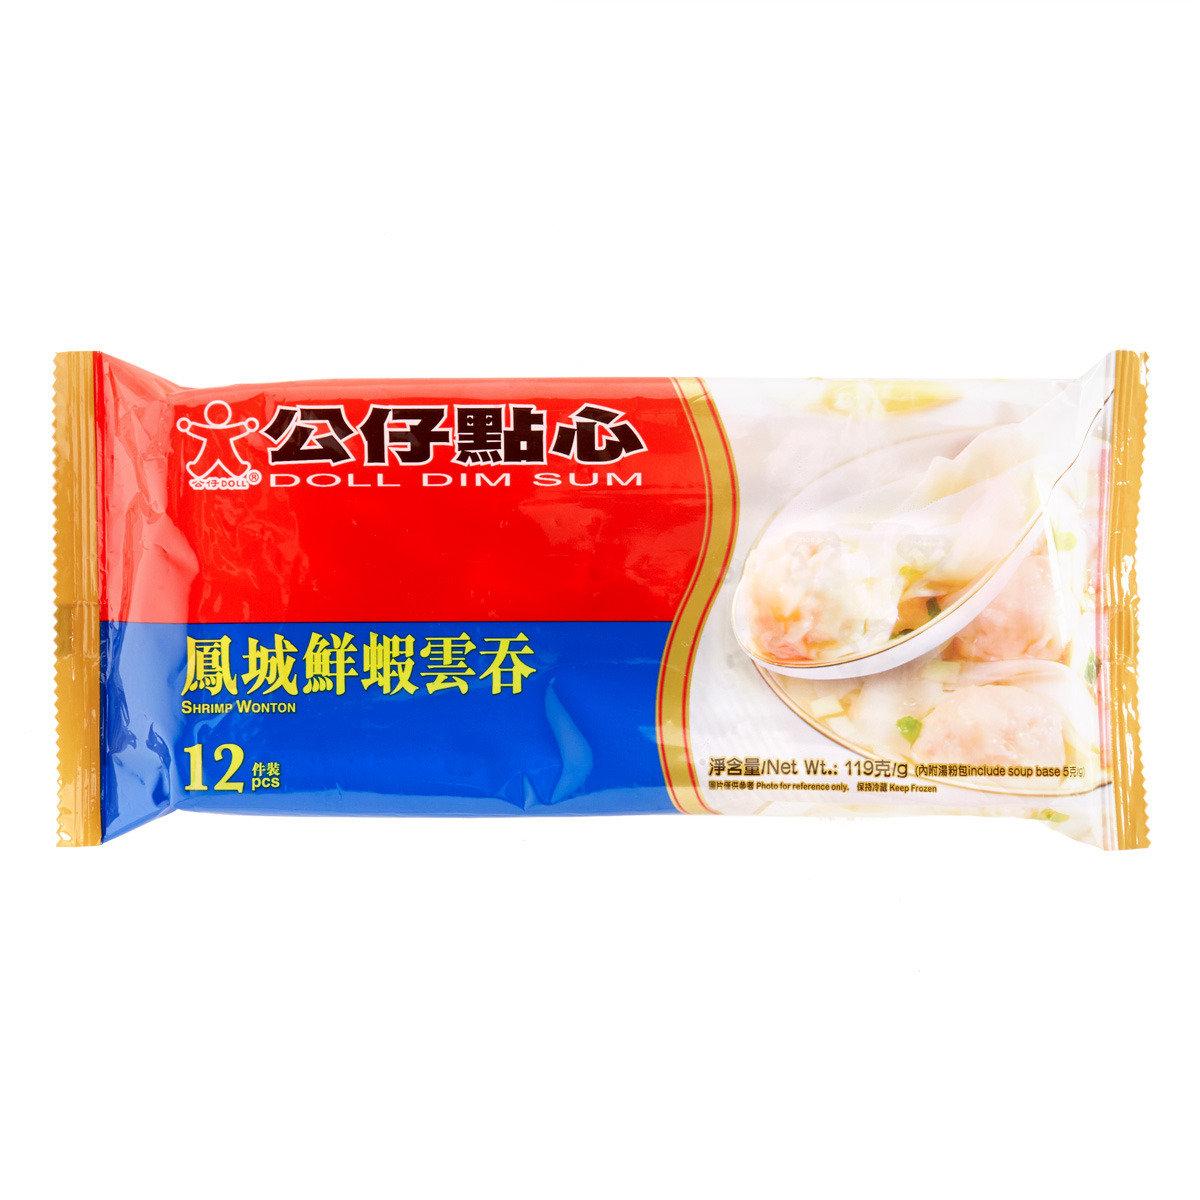 鳳城鮮蝦雲吞 (急凍)